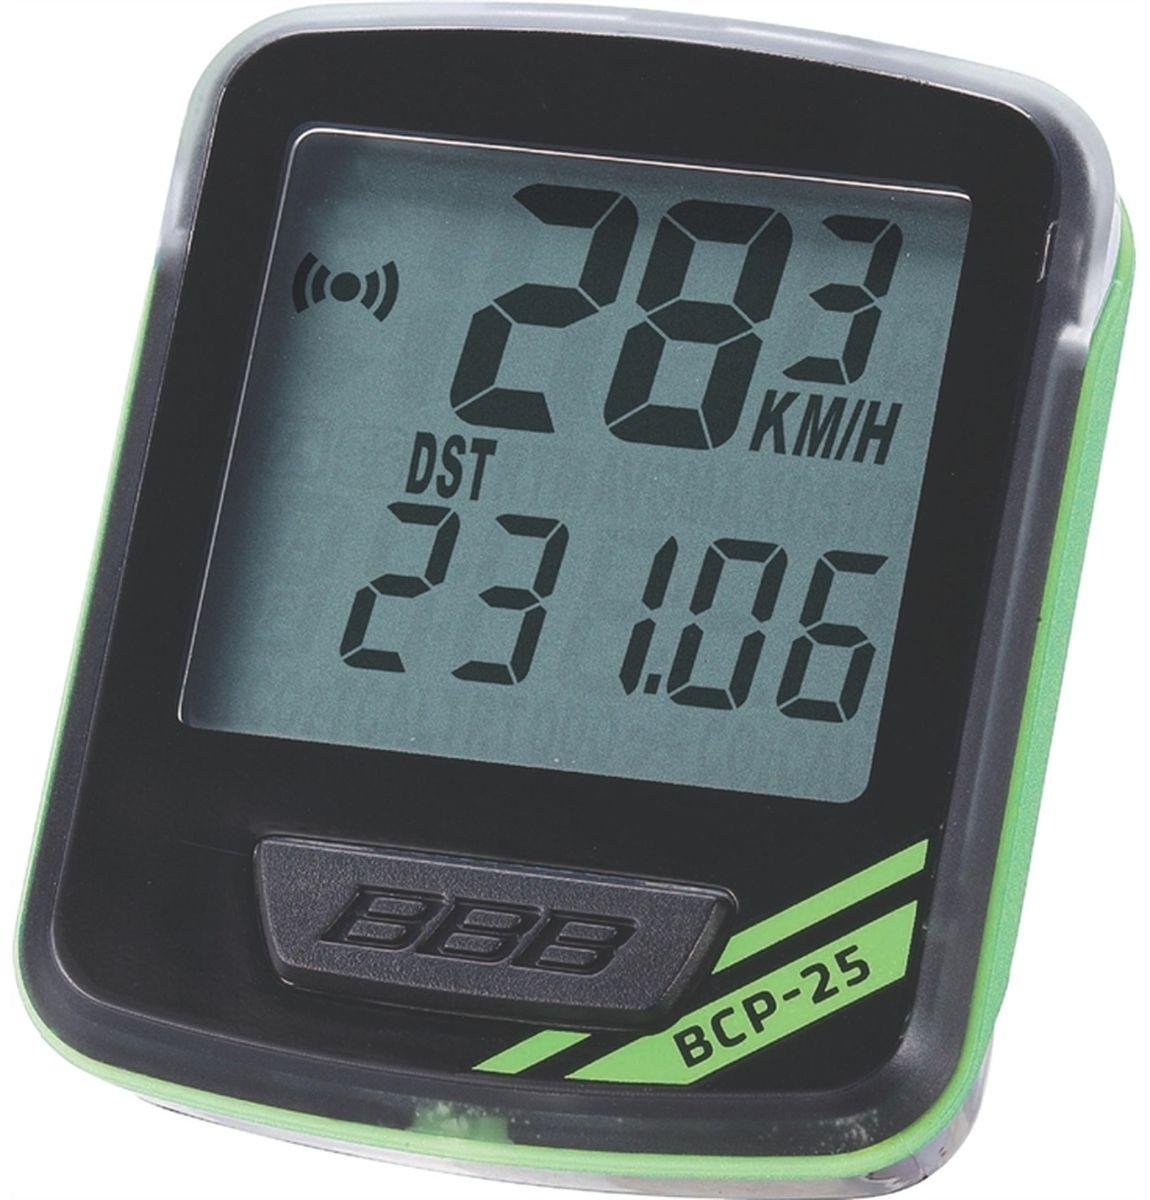 Велокомпьютер BBB NanoBoard, цвет: черный, зеленый, 7 функций